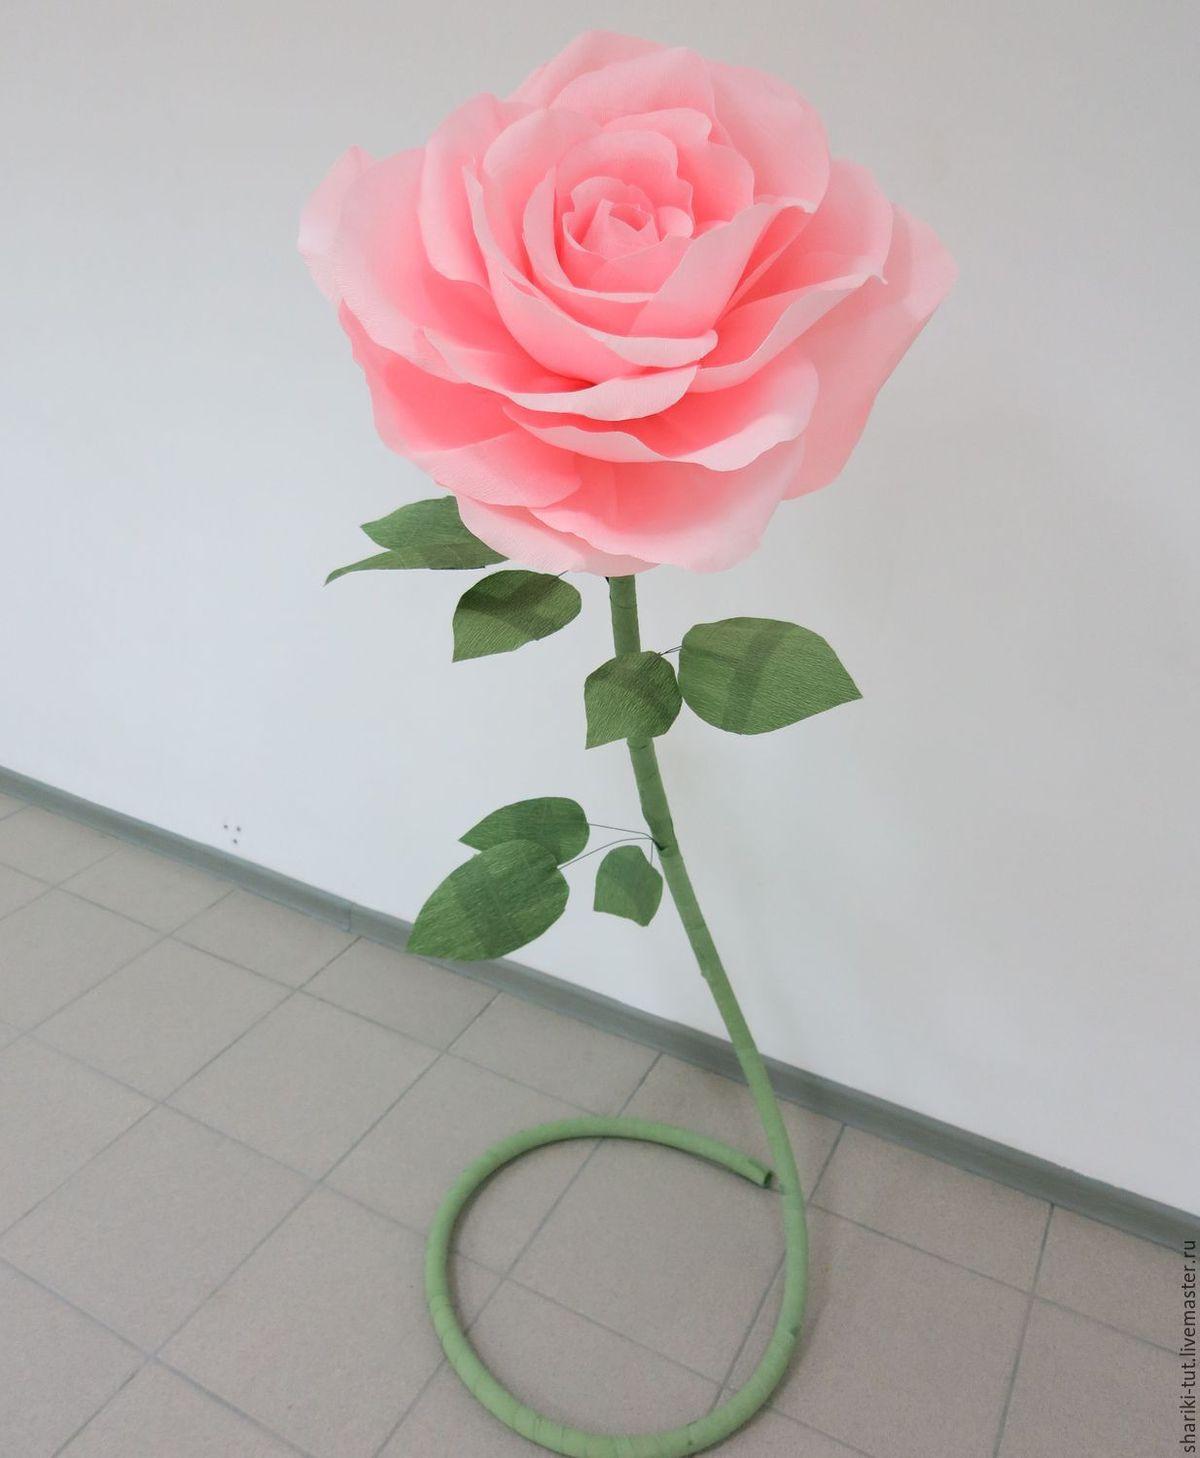 Как сделать бумажные ростовые цветы